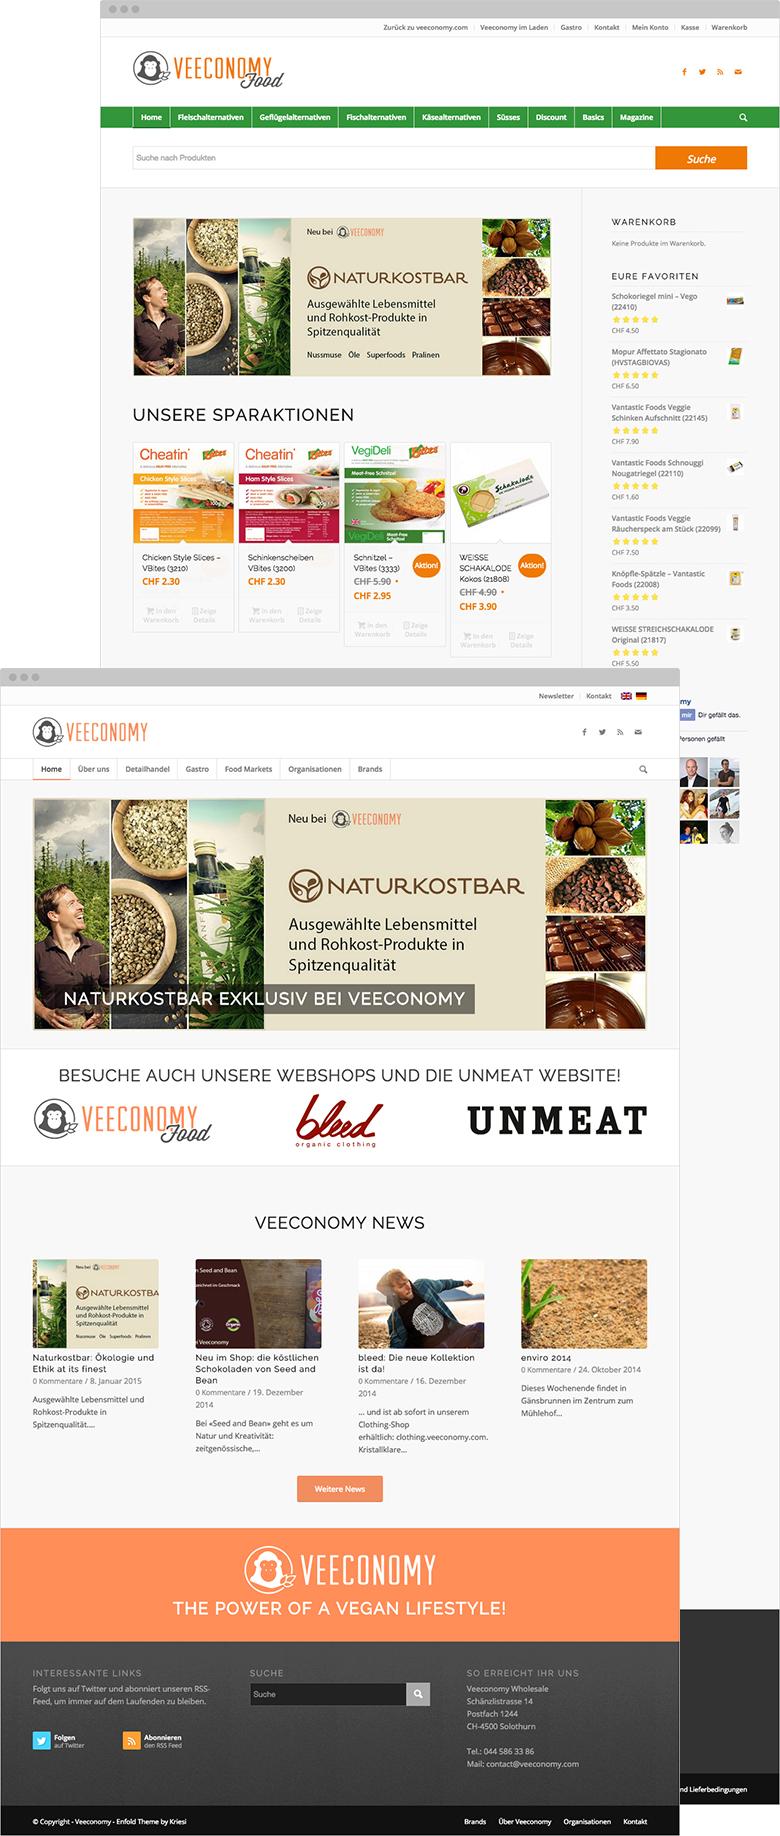 veeconomy.com & food.veeconomy.com - im Browser